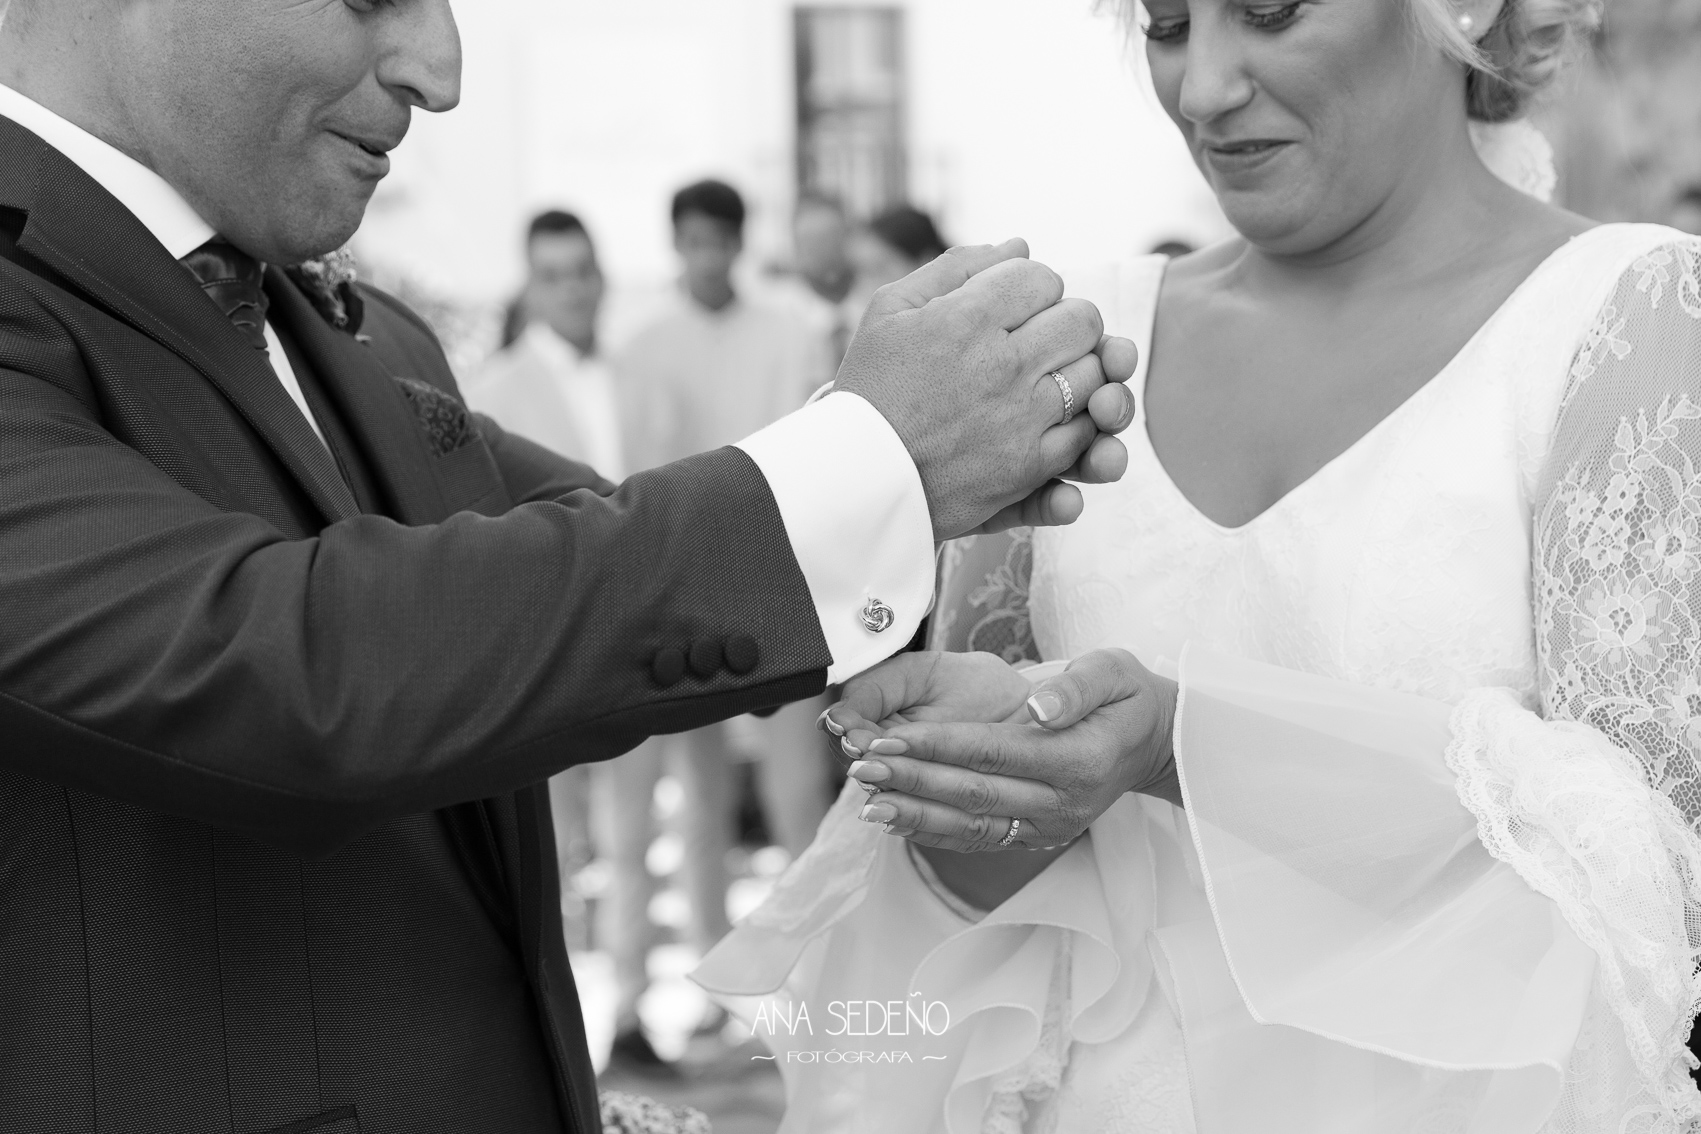 Ana Sedeño Fotografa.-BJ&R-0663